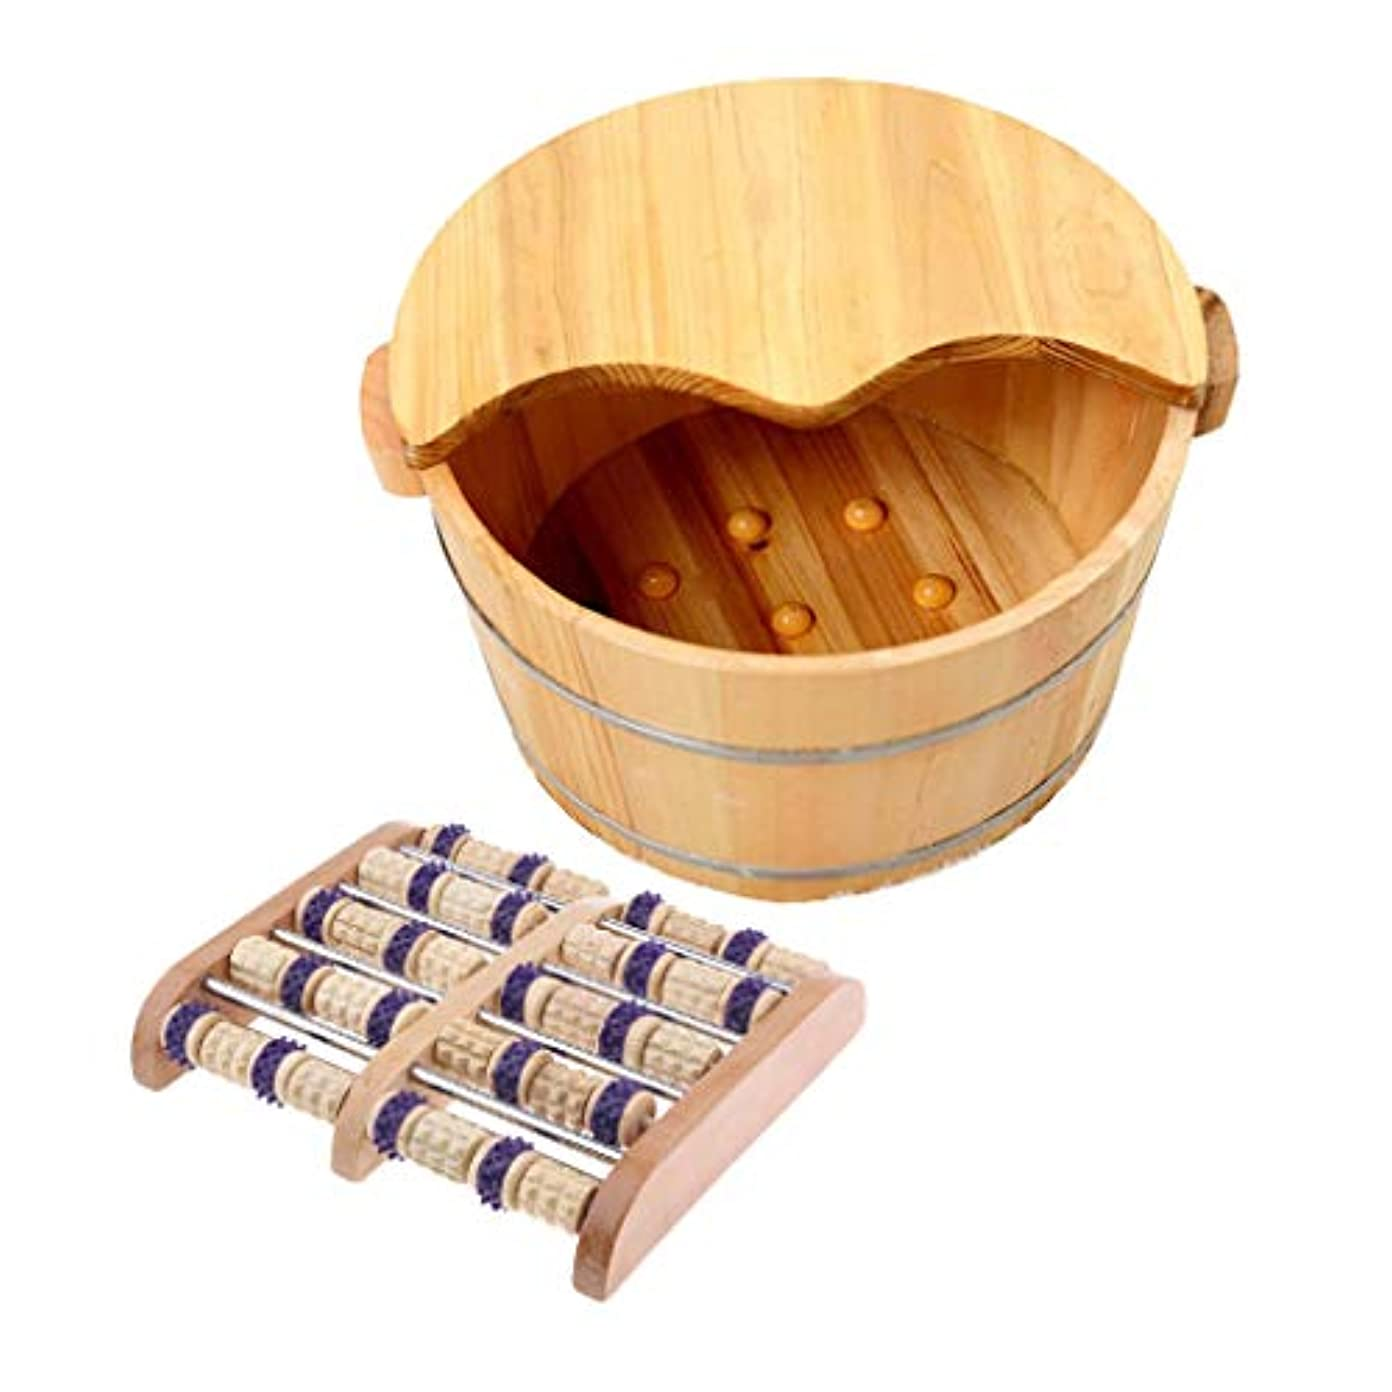 対処トラフィック攻撃的CUTICATE 足つぼマッサージ器 手作りウッドフットマッサー 木製の足の洗面台付き 足裏 ツボ押 血行促進